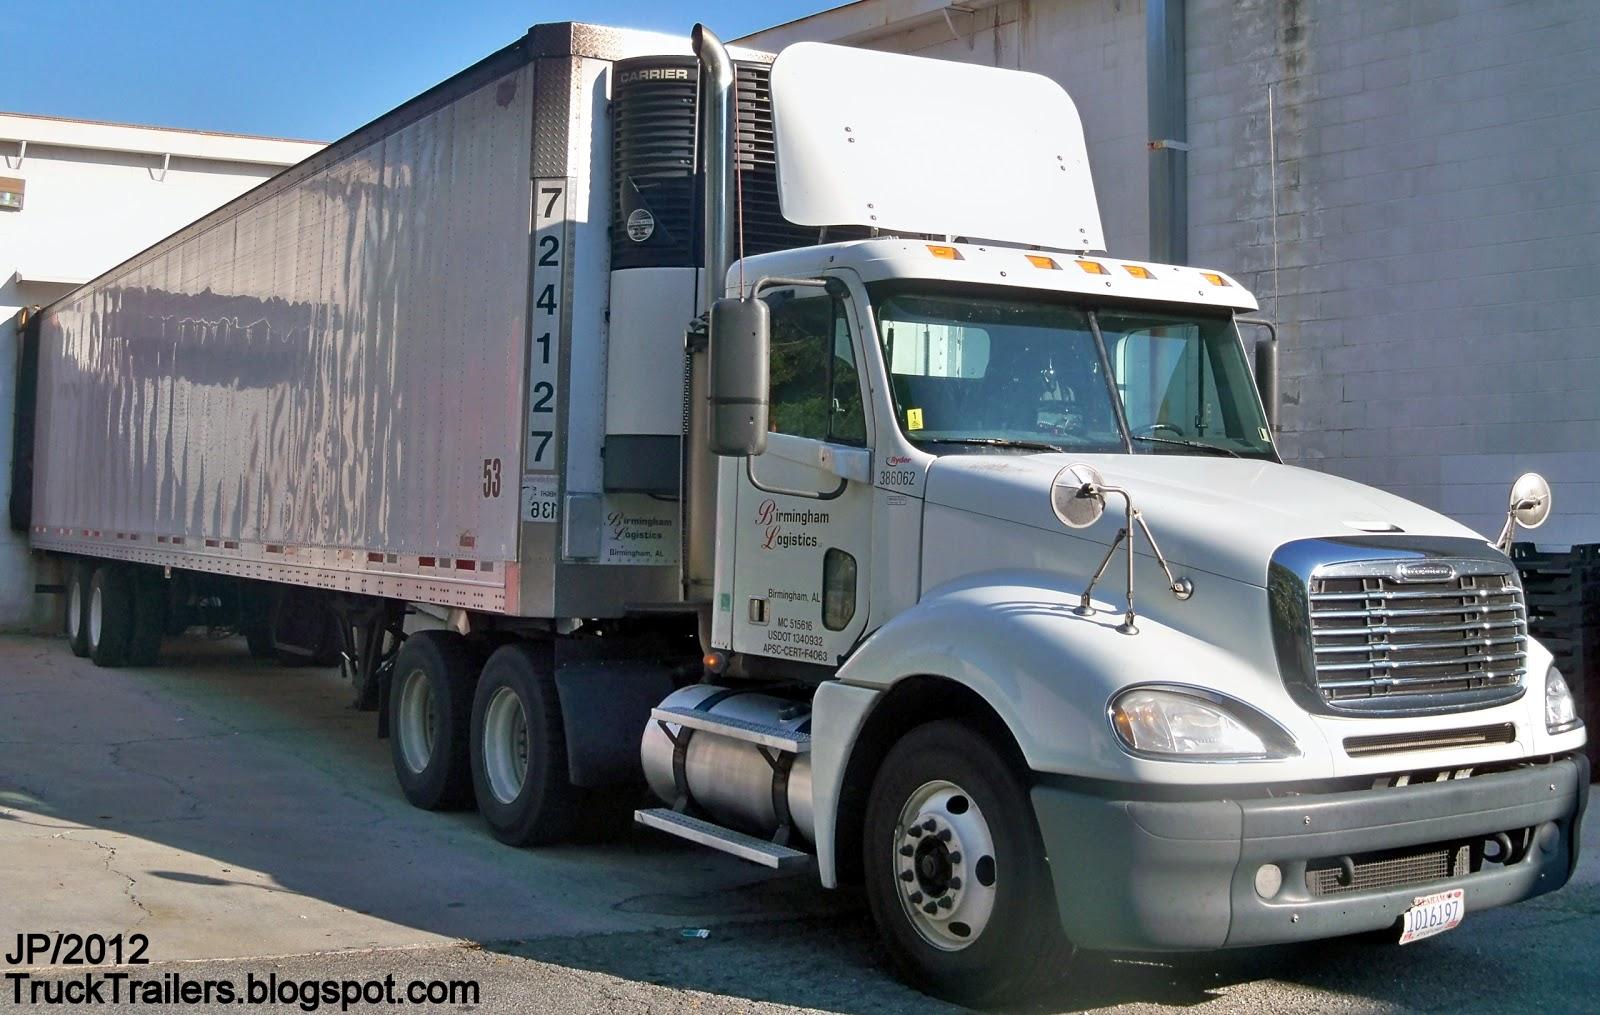 TRUCK TRAILER Transport Express Freight Logistic Diesel Mack Peterbilt ...